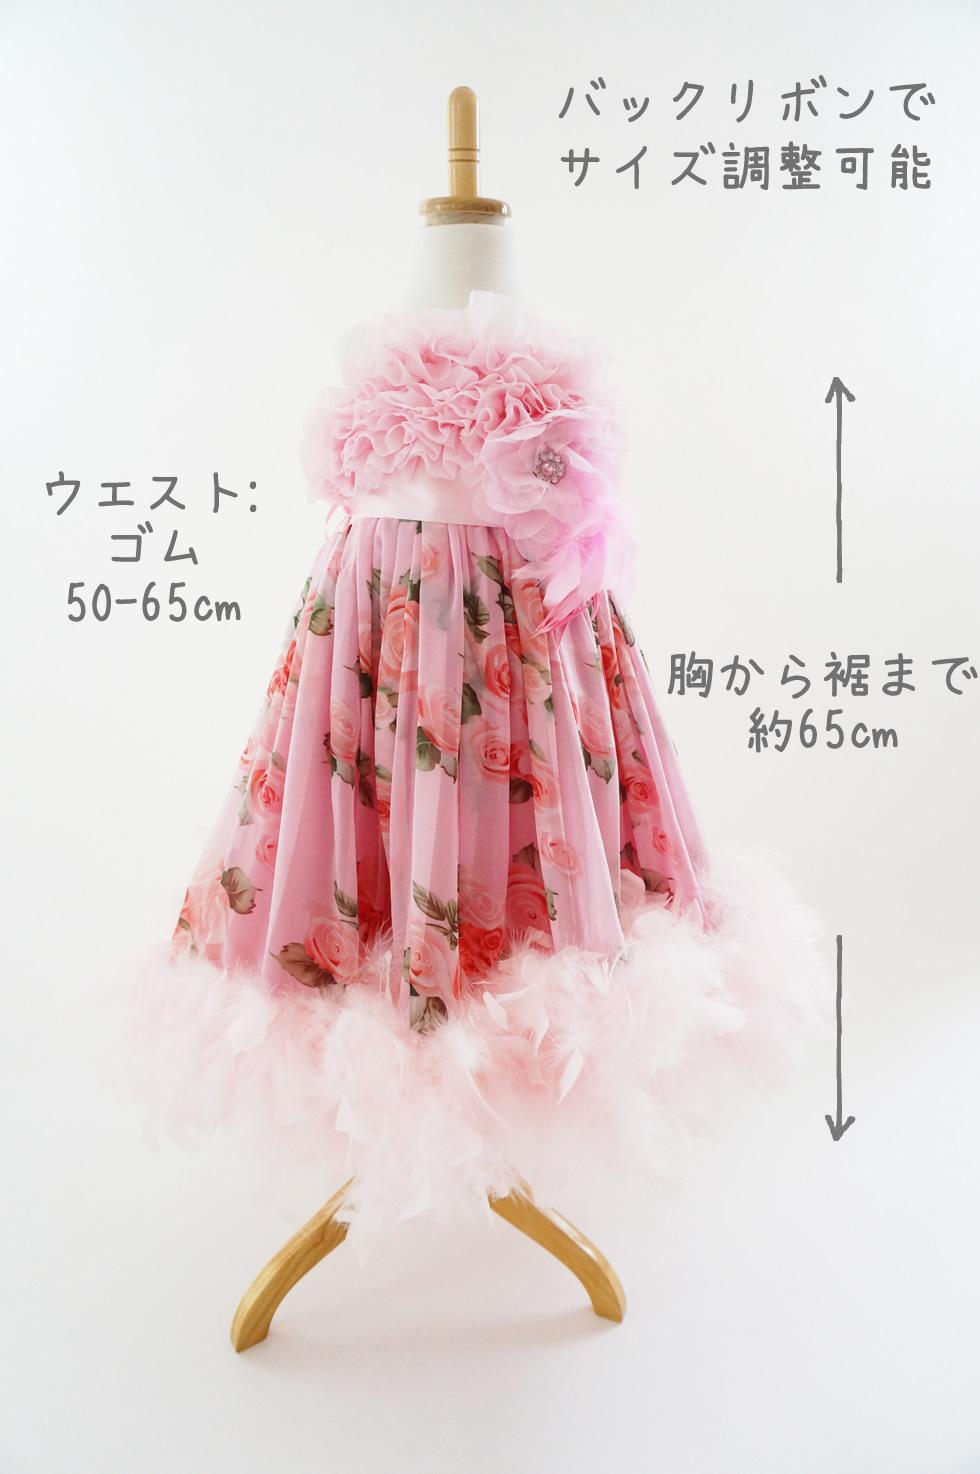 フリルが楽しいフェザードレス「Frilly Fun Girls Feather Dress」1歳から6歳